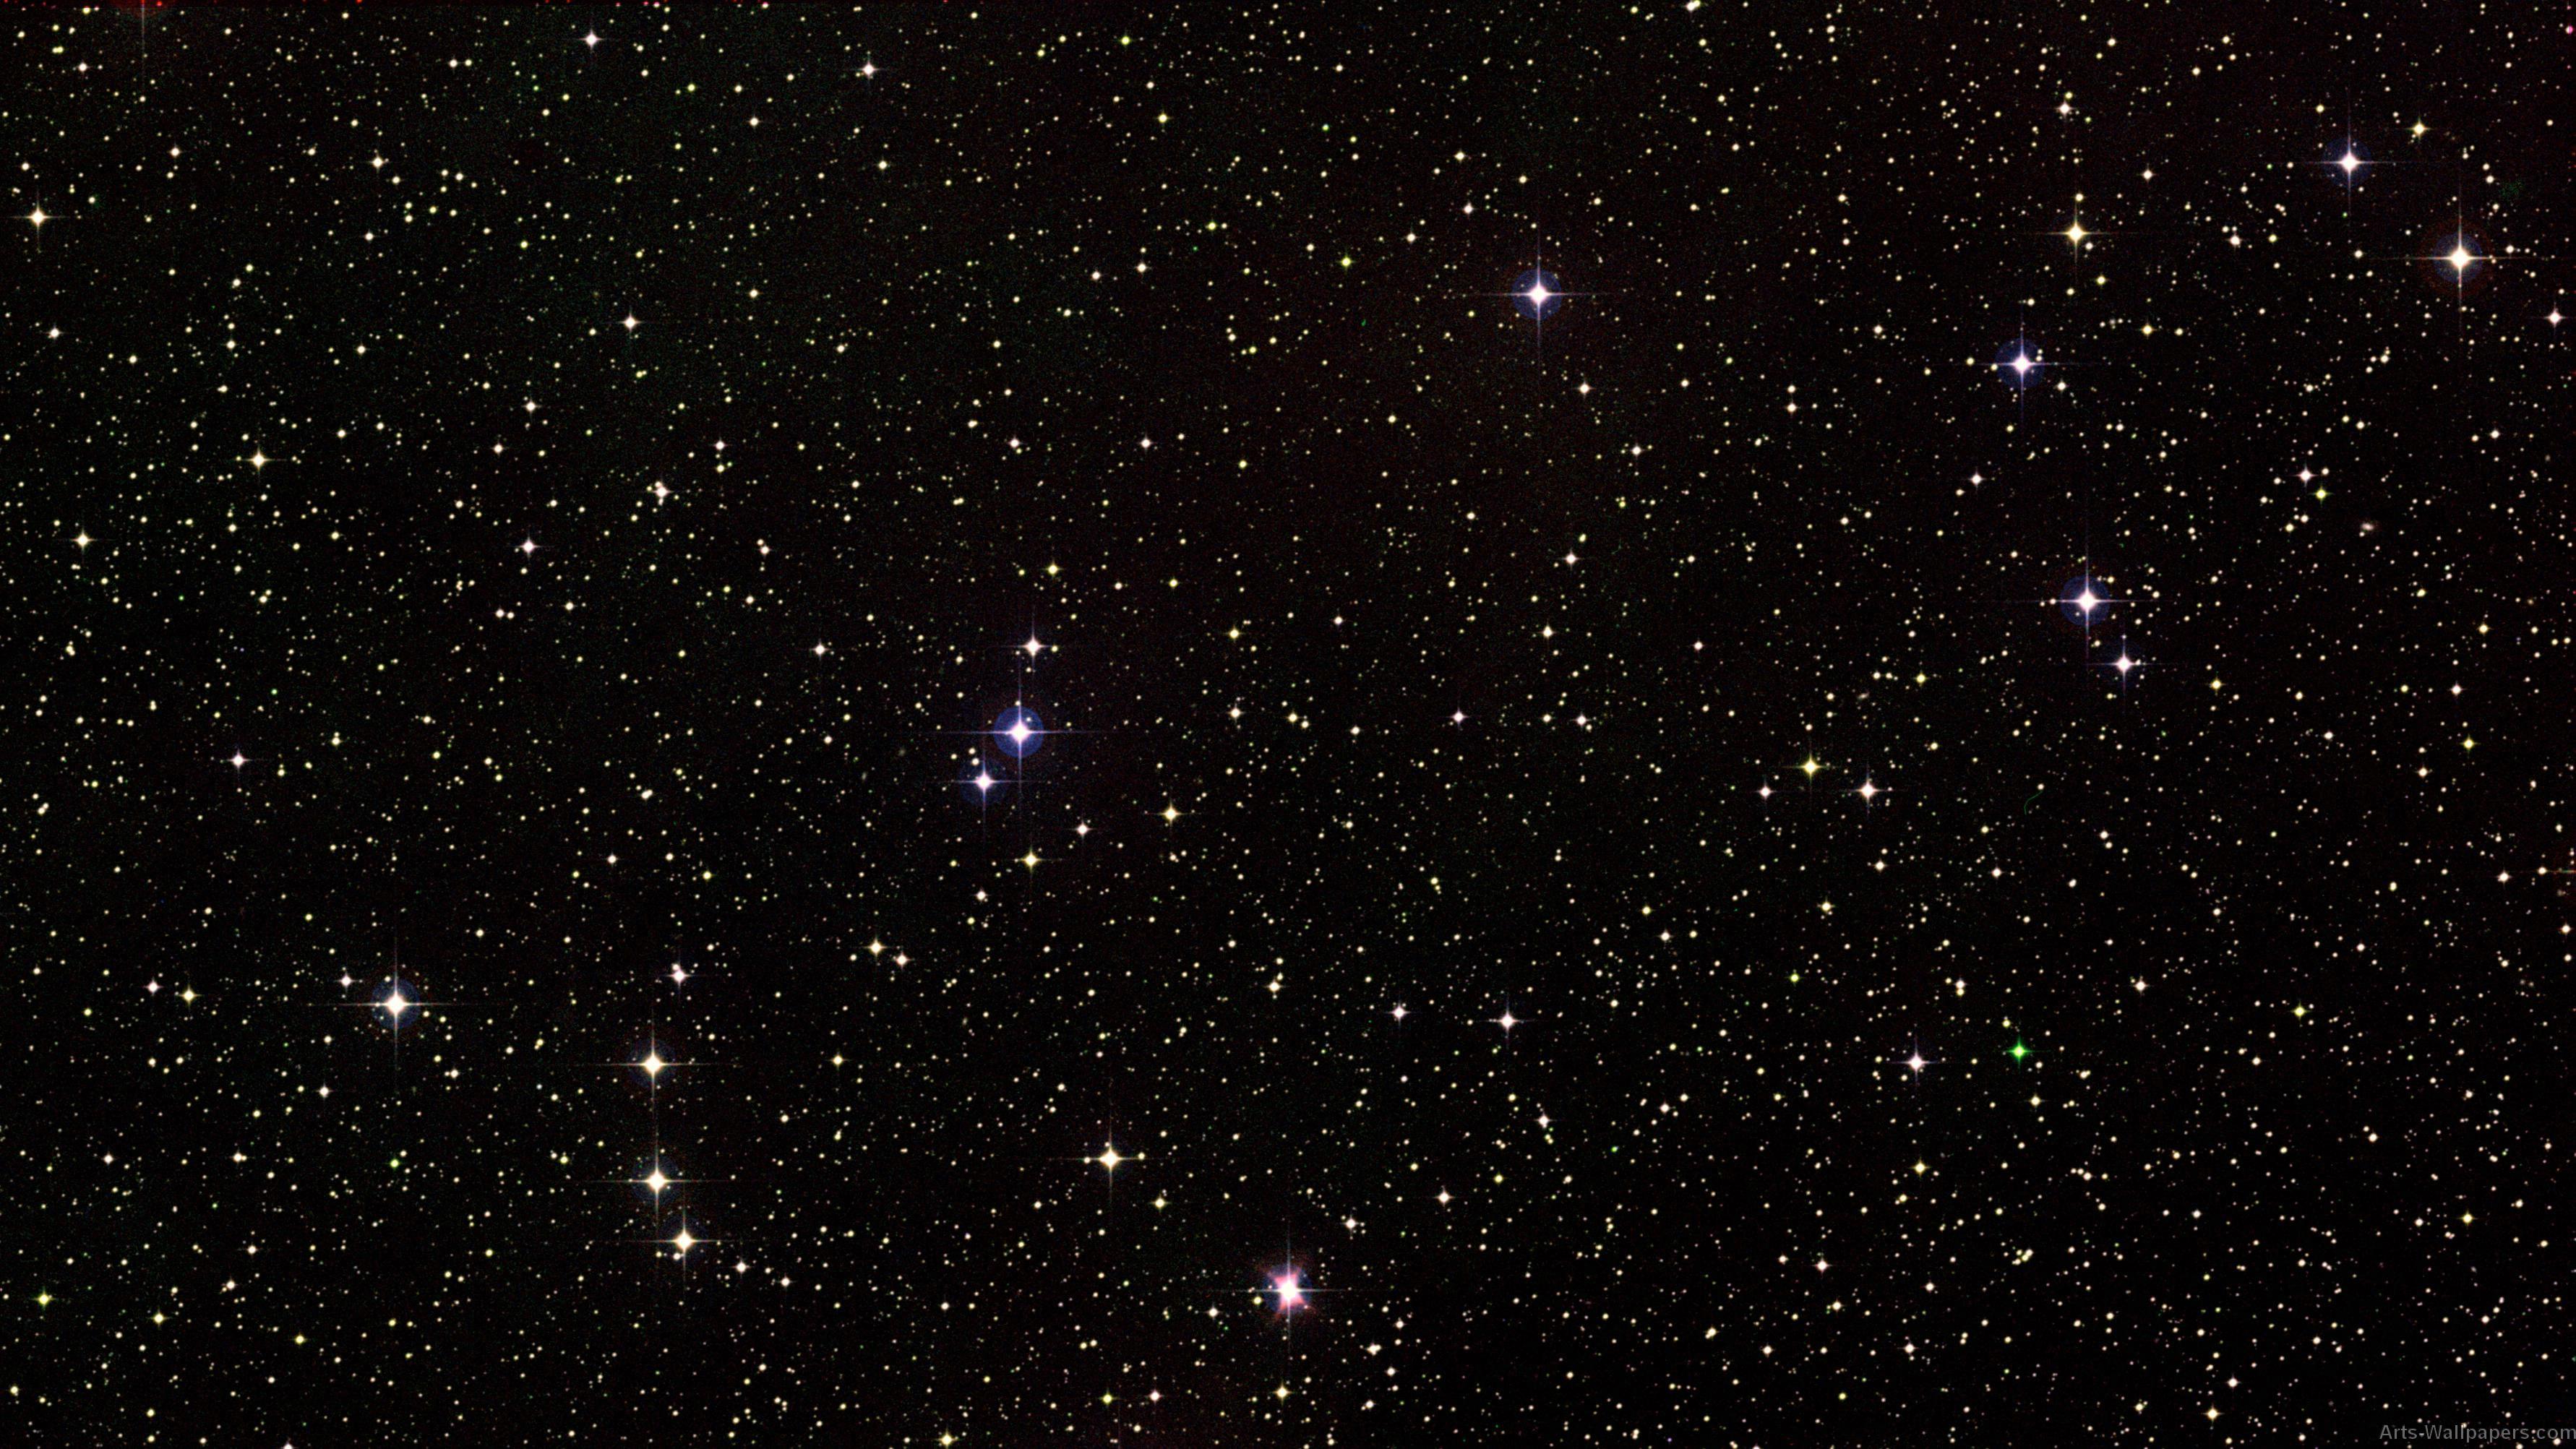 stars wars wallpaper hd